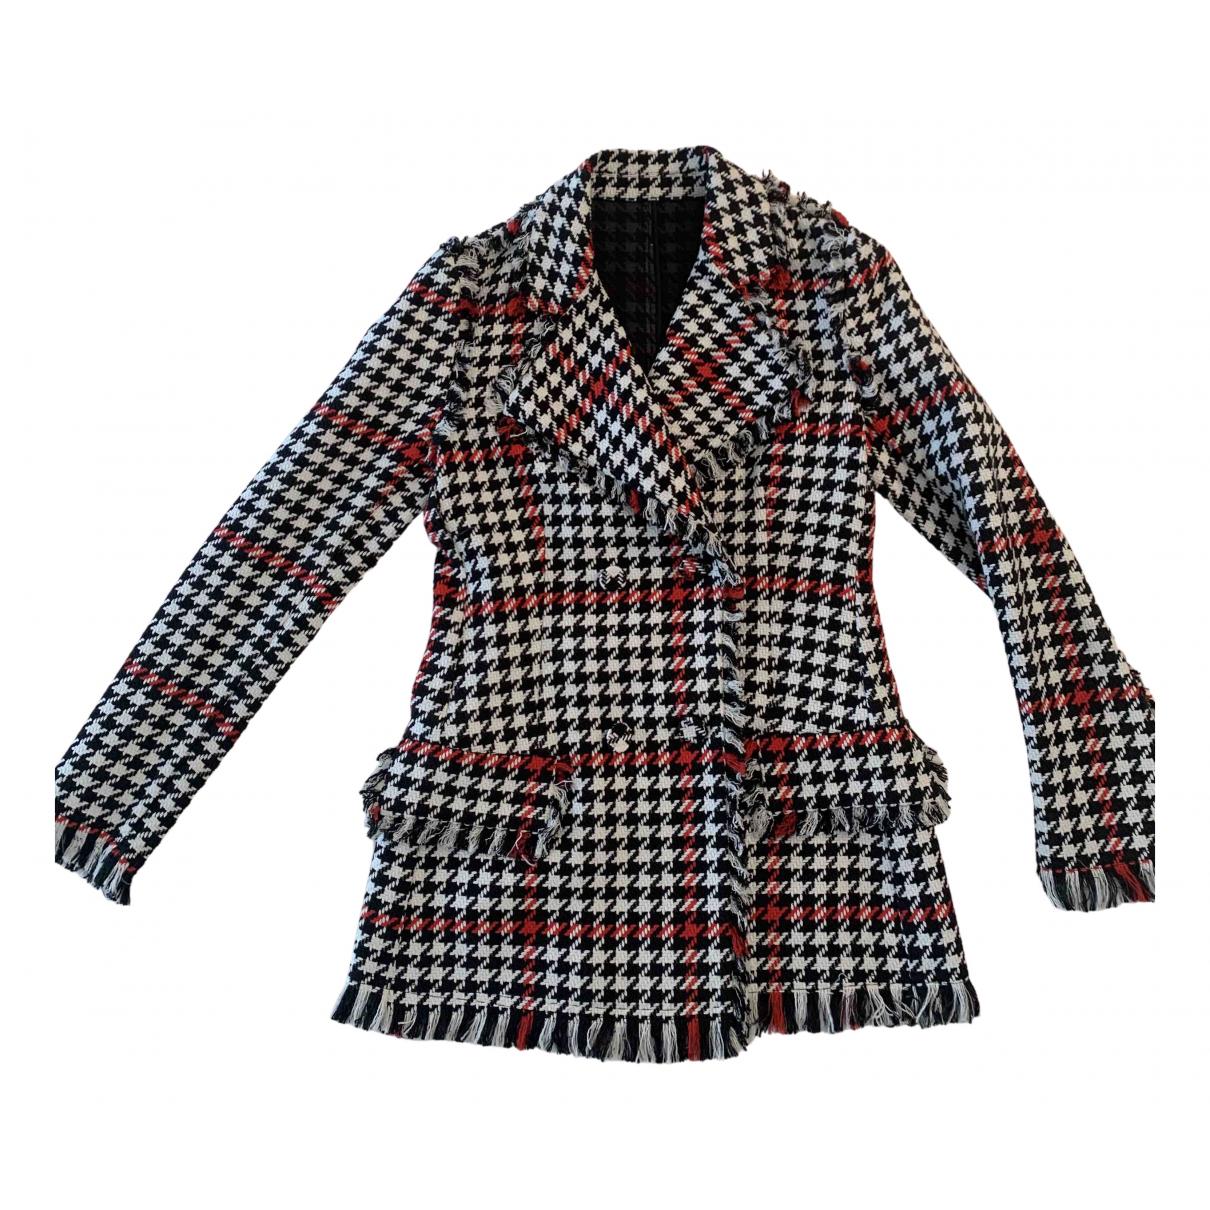 Msgm N Multicolour Cotton jacket for Women 38 IT